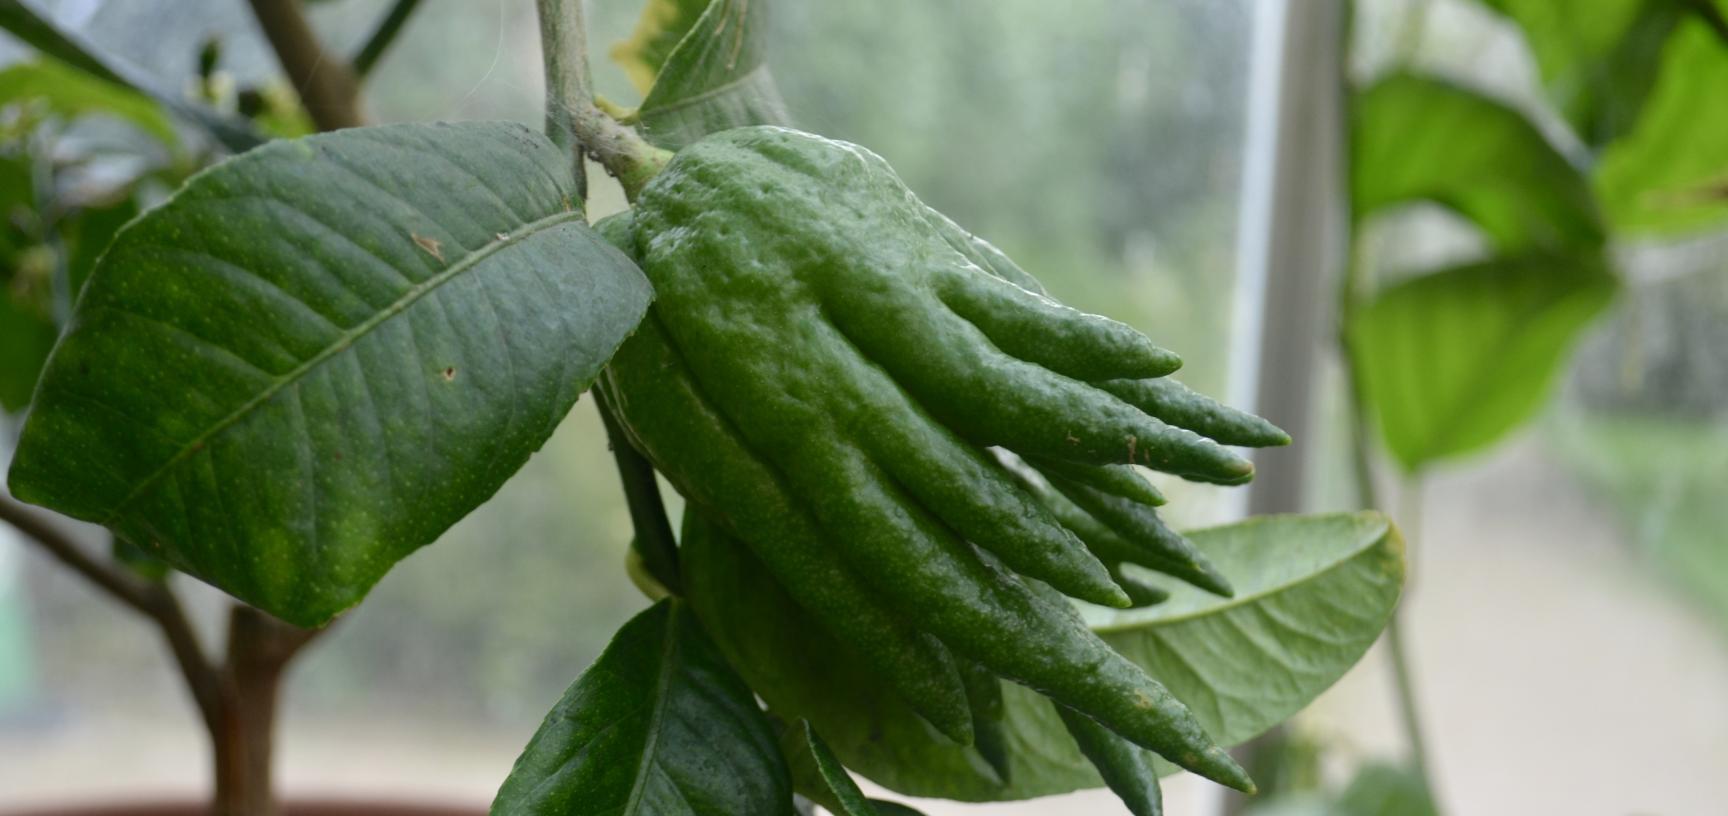 Citrus Medica in Conservatory